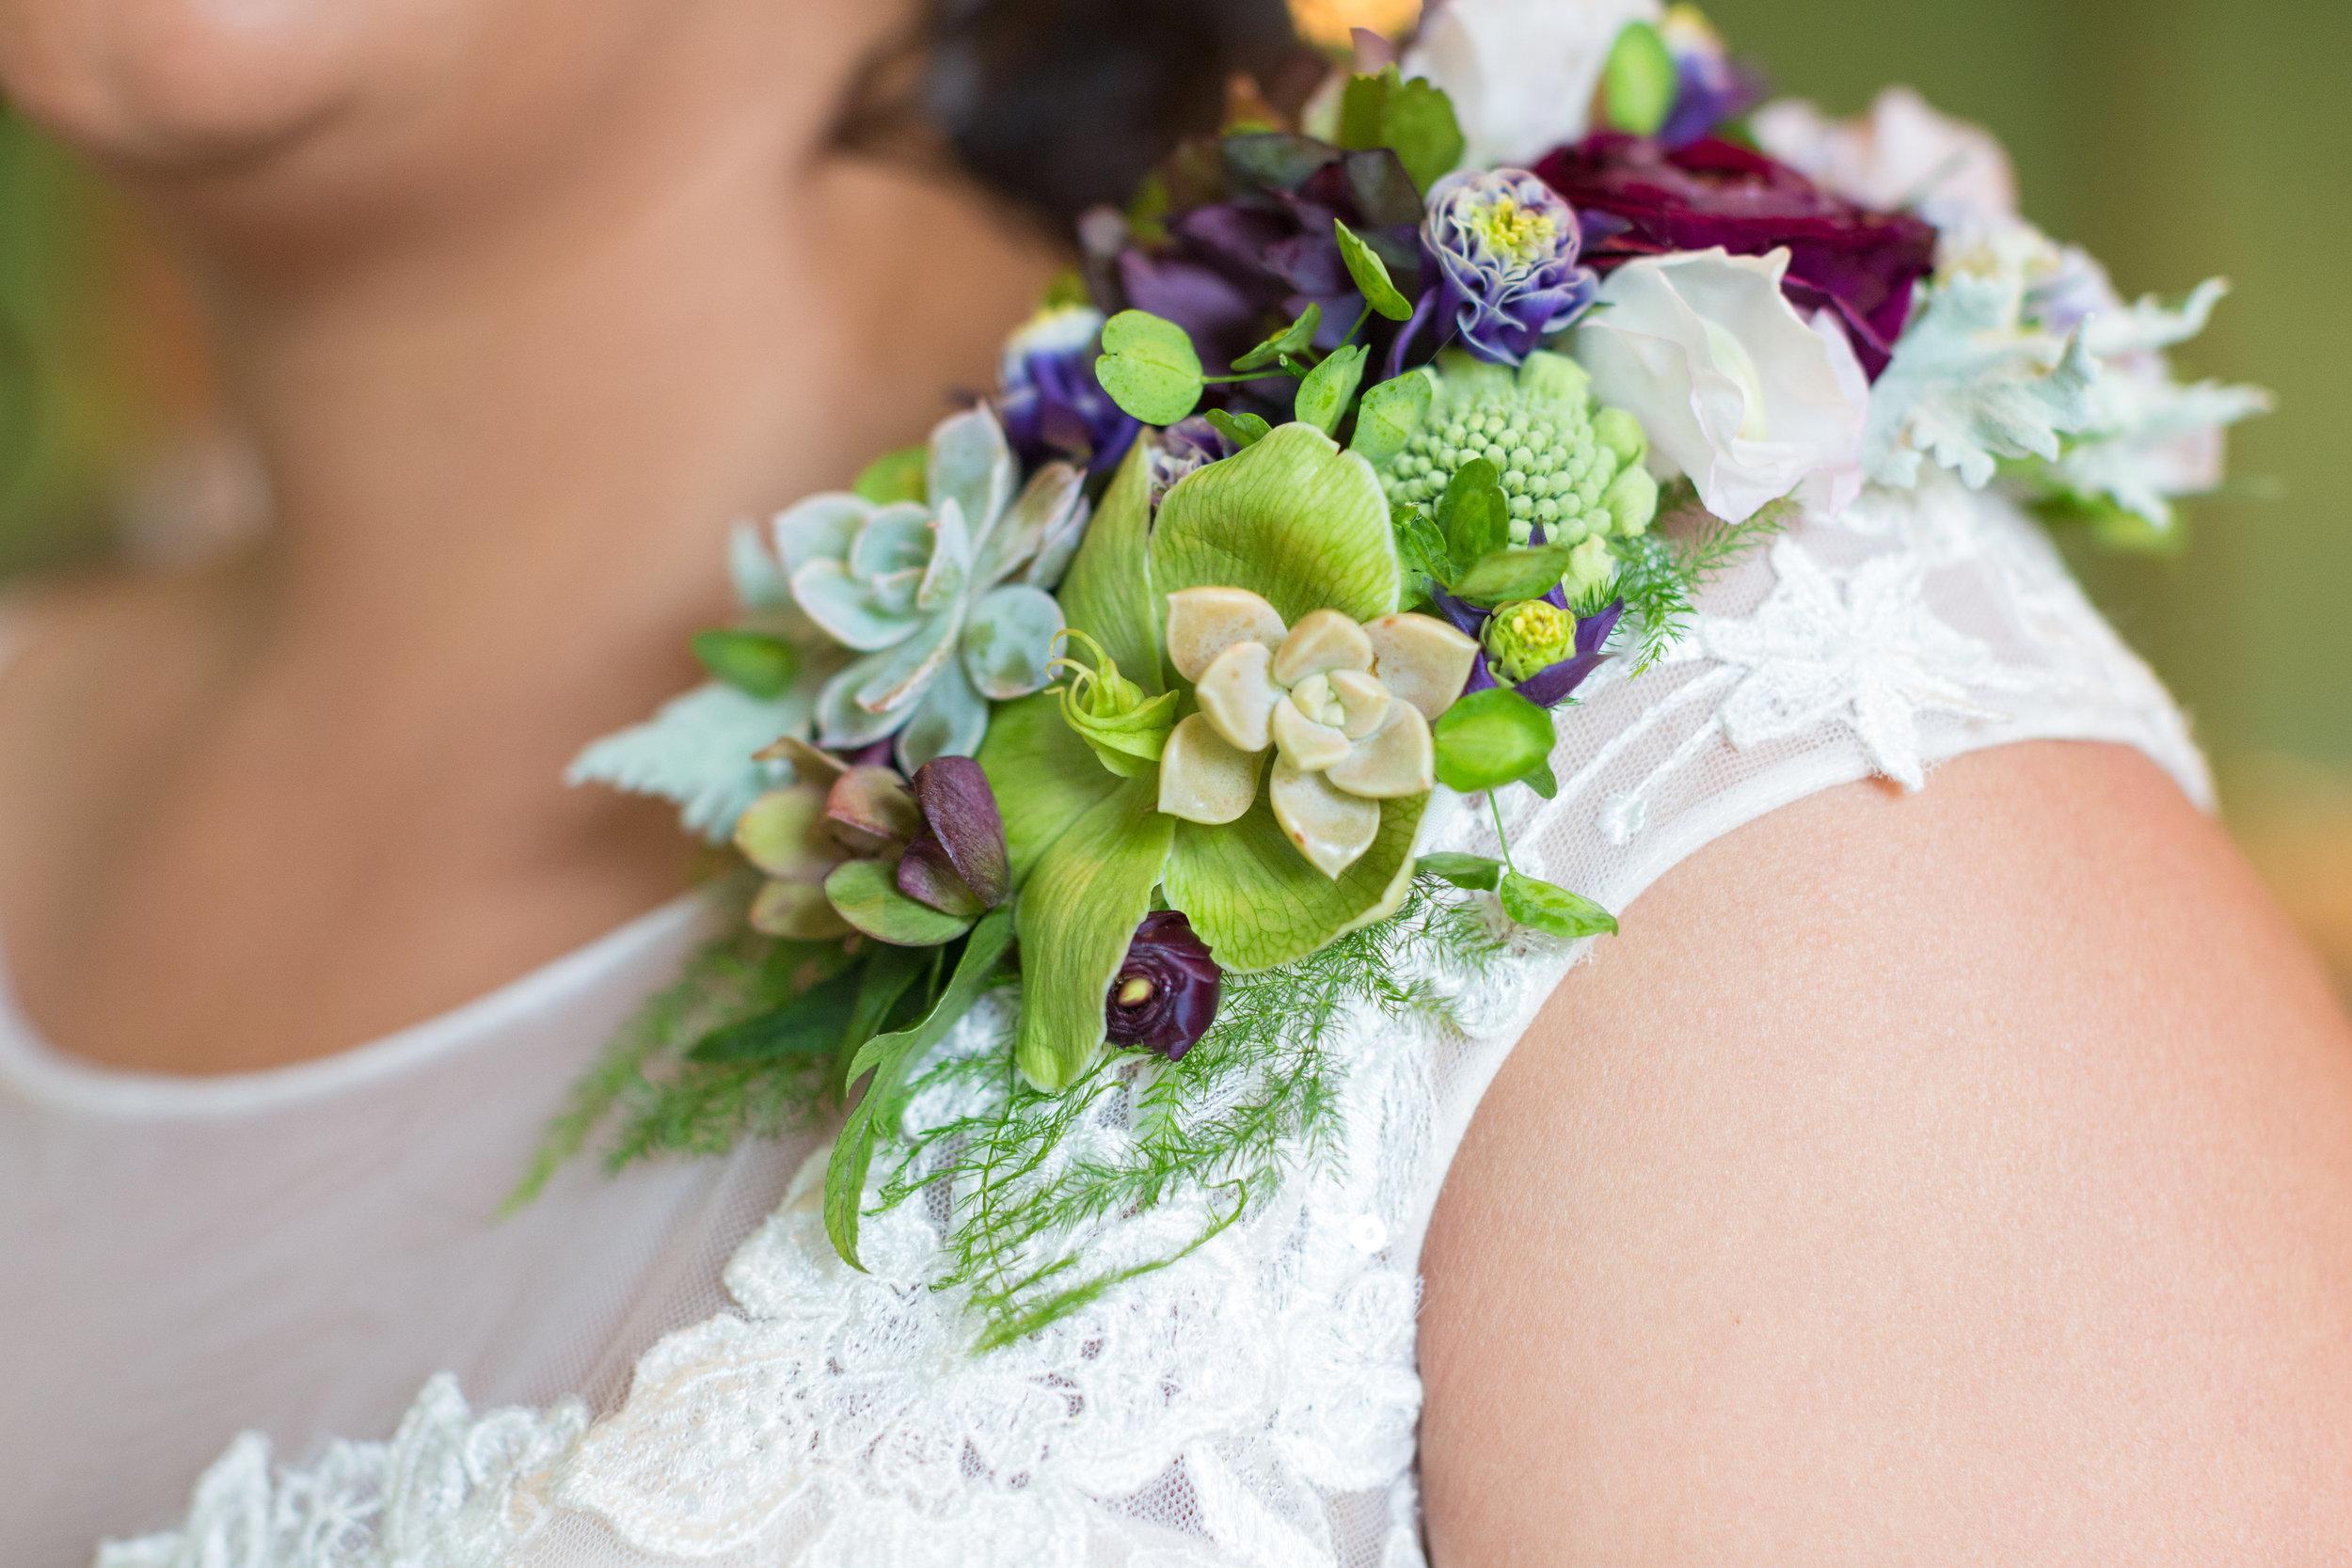 floral shoulder piece by A Garden Party florist